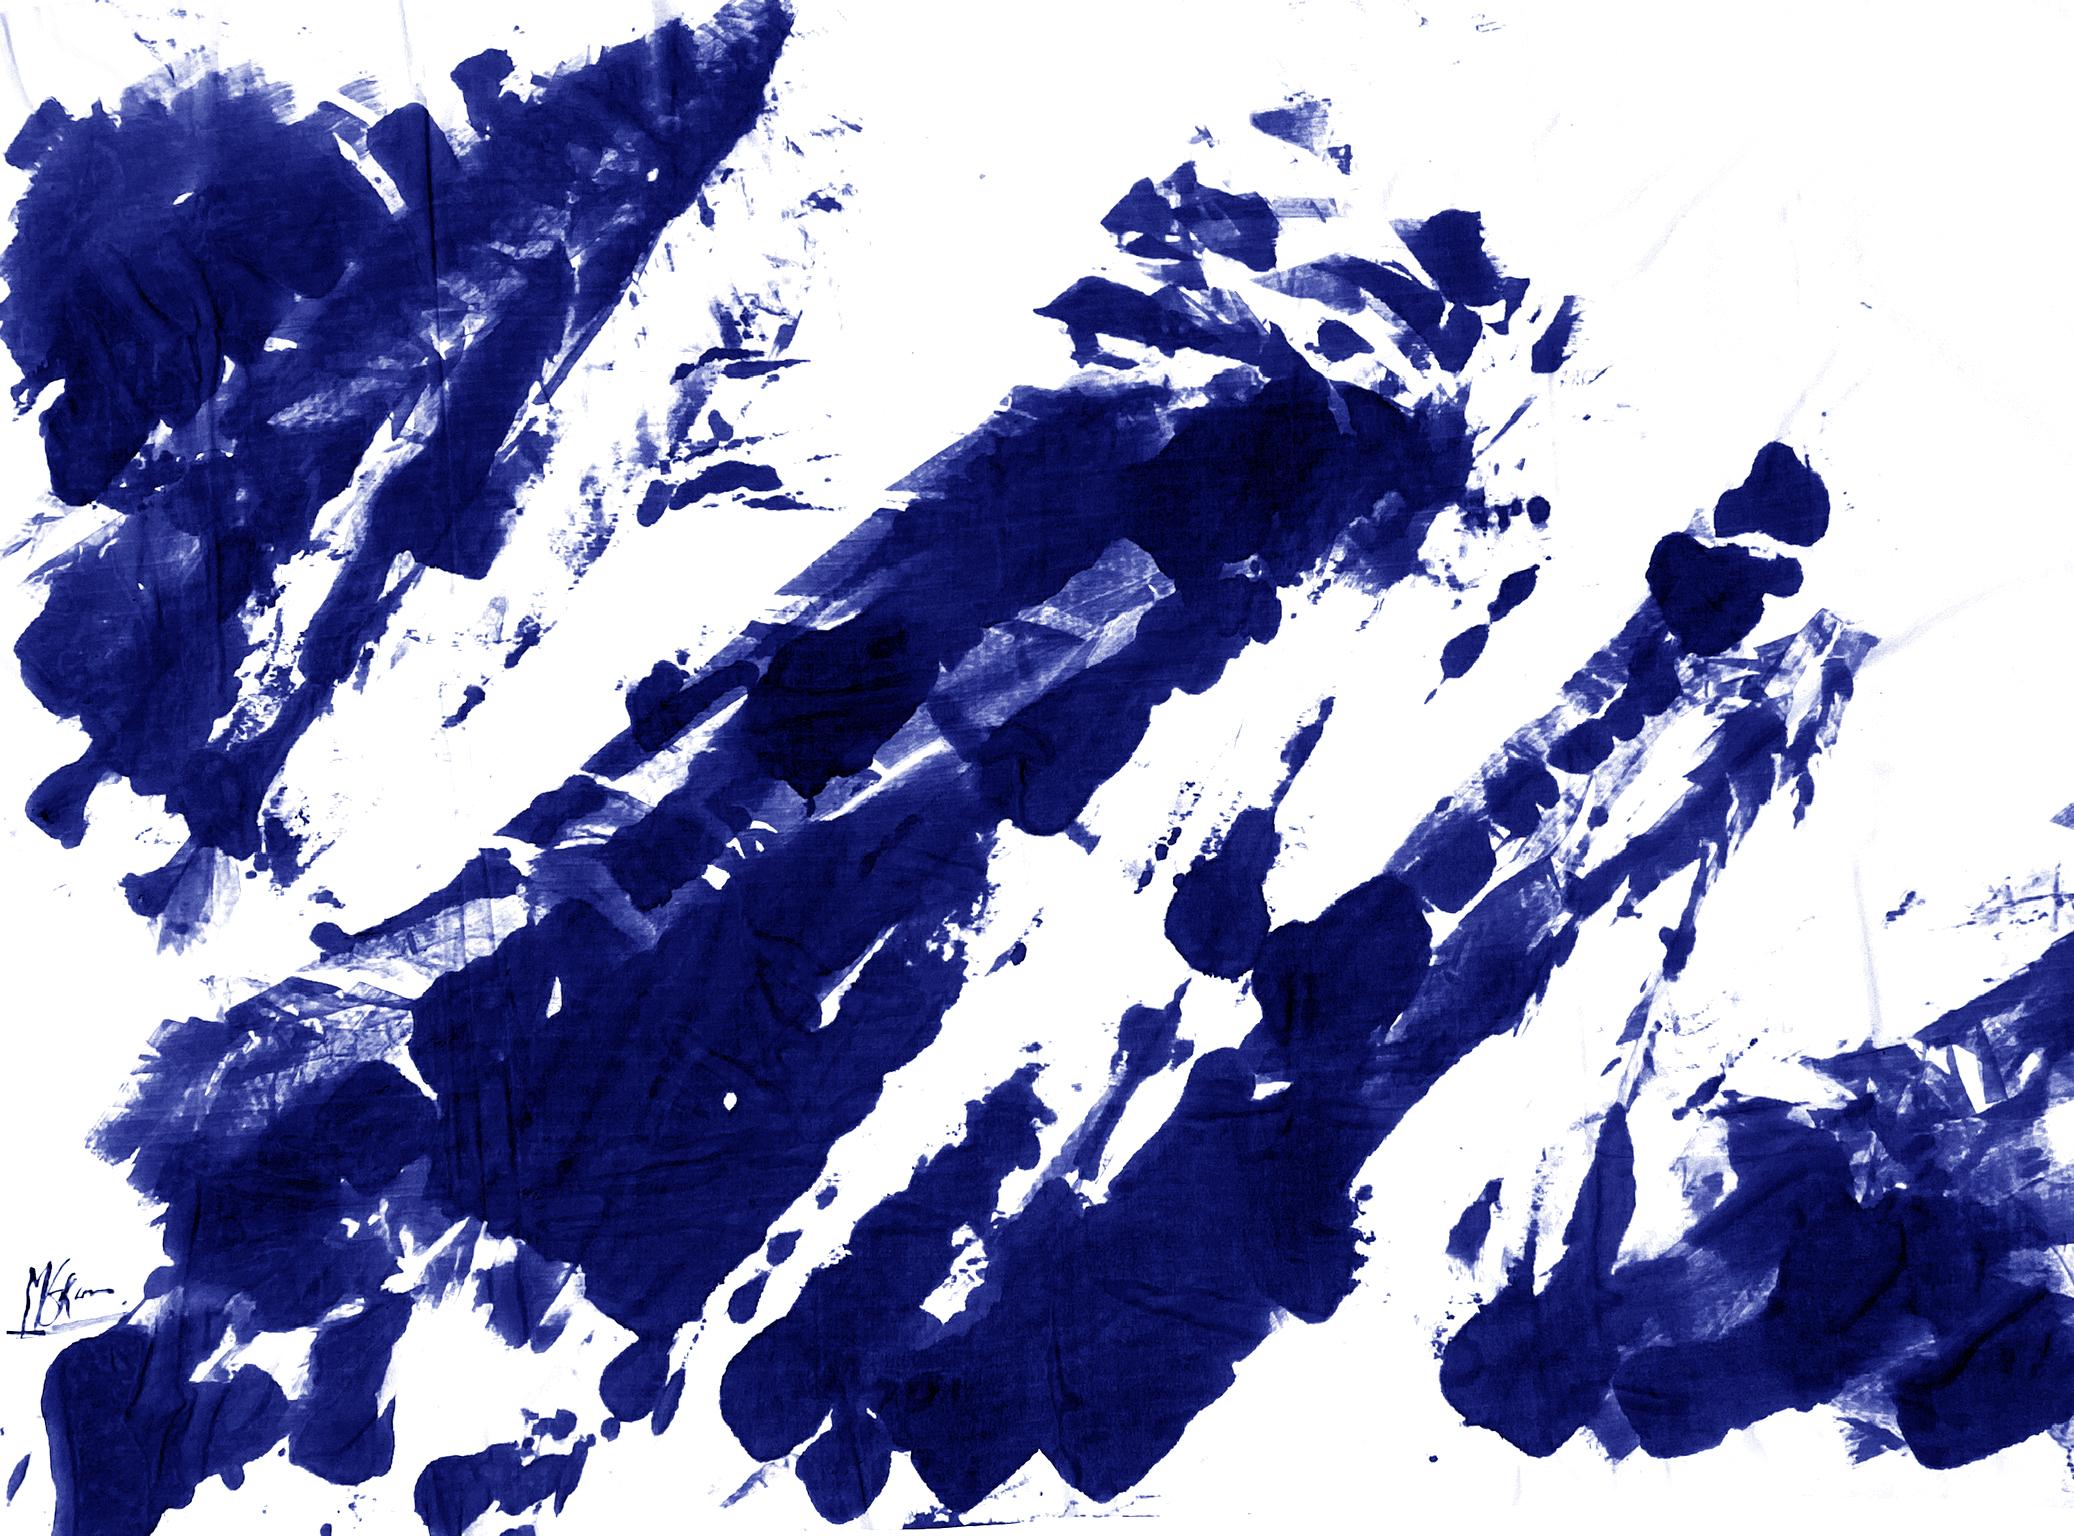 [着るARTストール]PLAIN CORNICE STOLE【SILKシルク】1117SILK-HP61 [登録意匠][送料/税込]